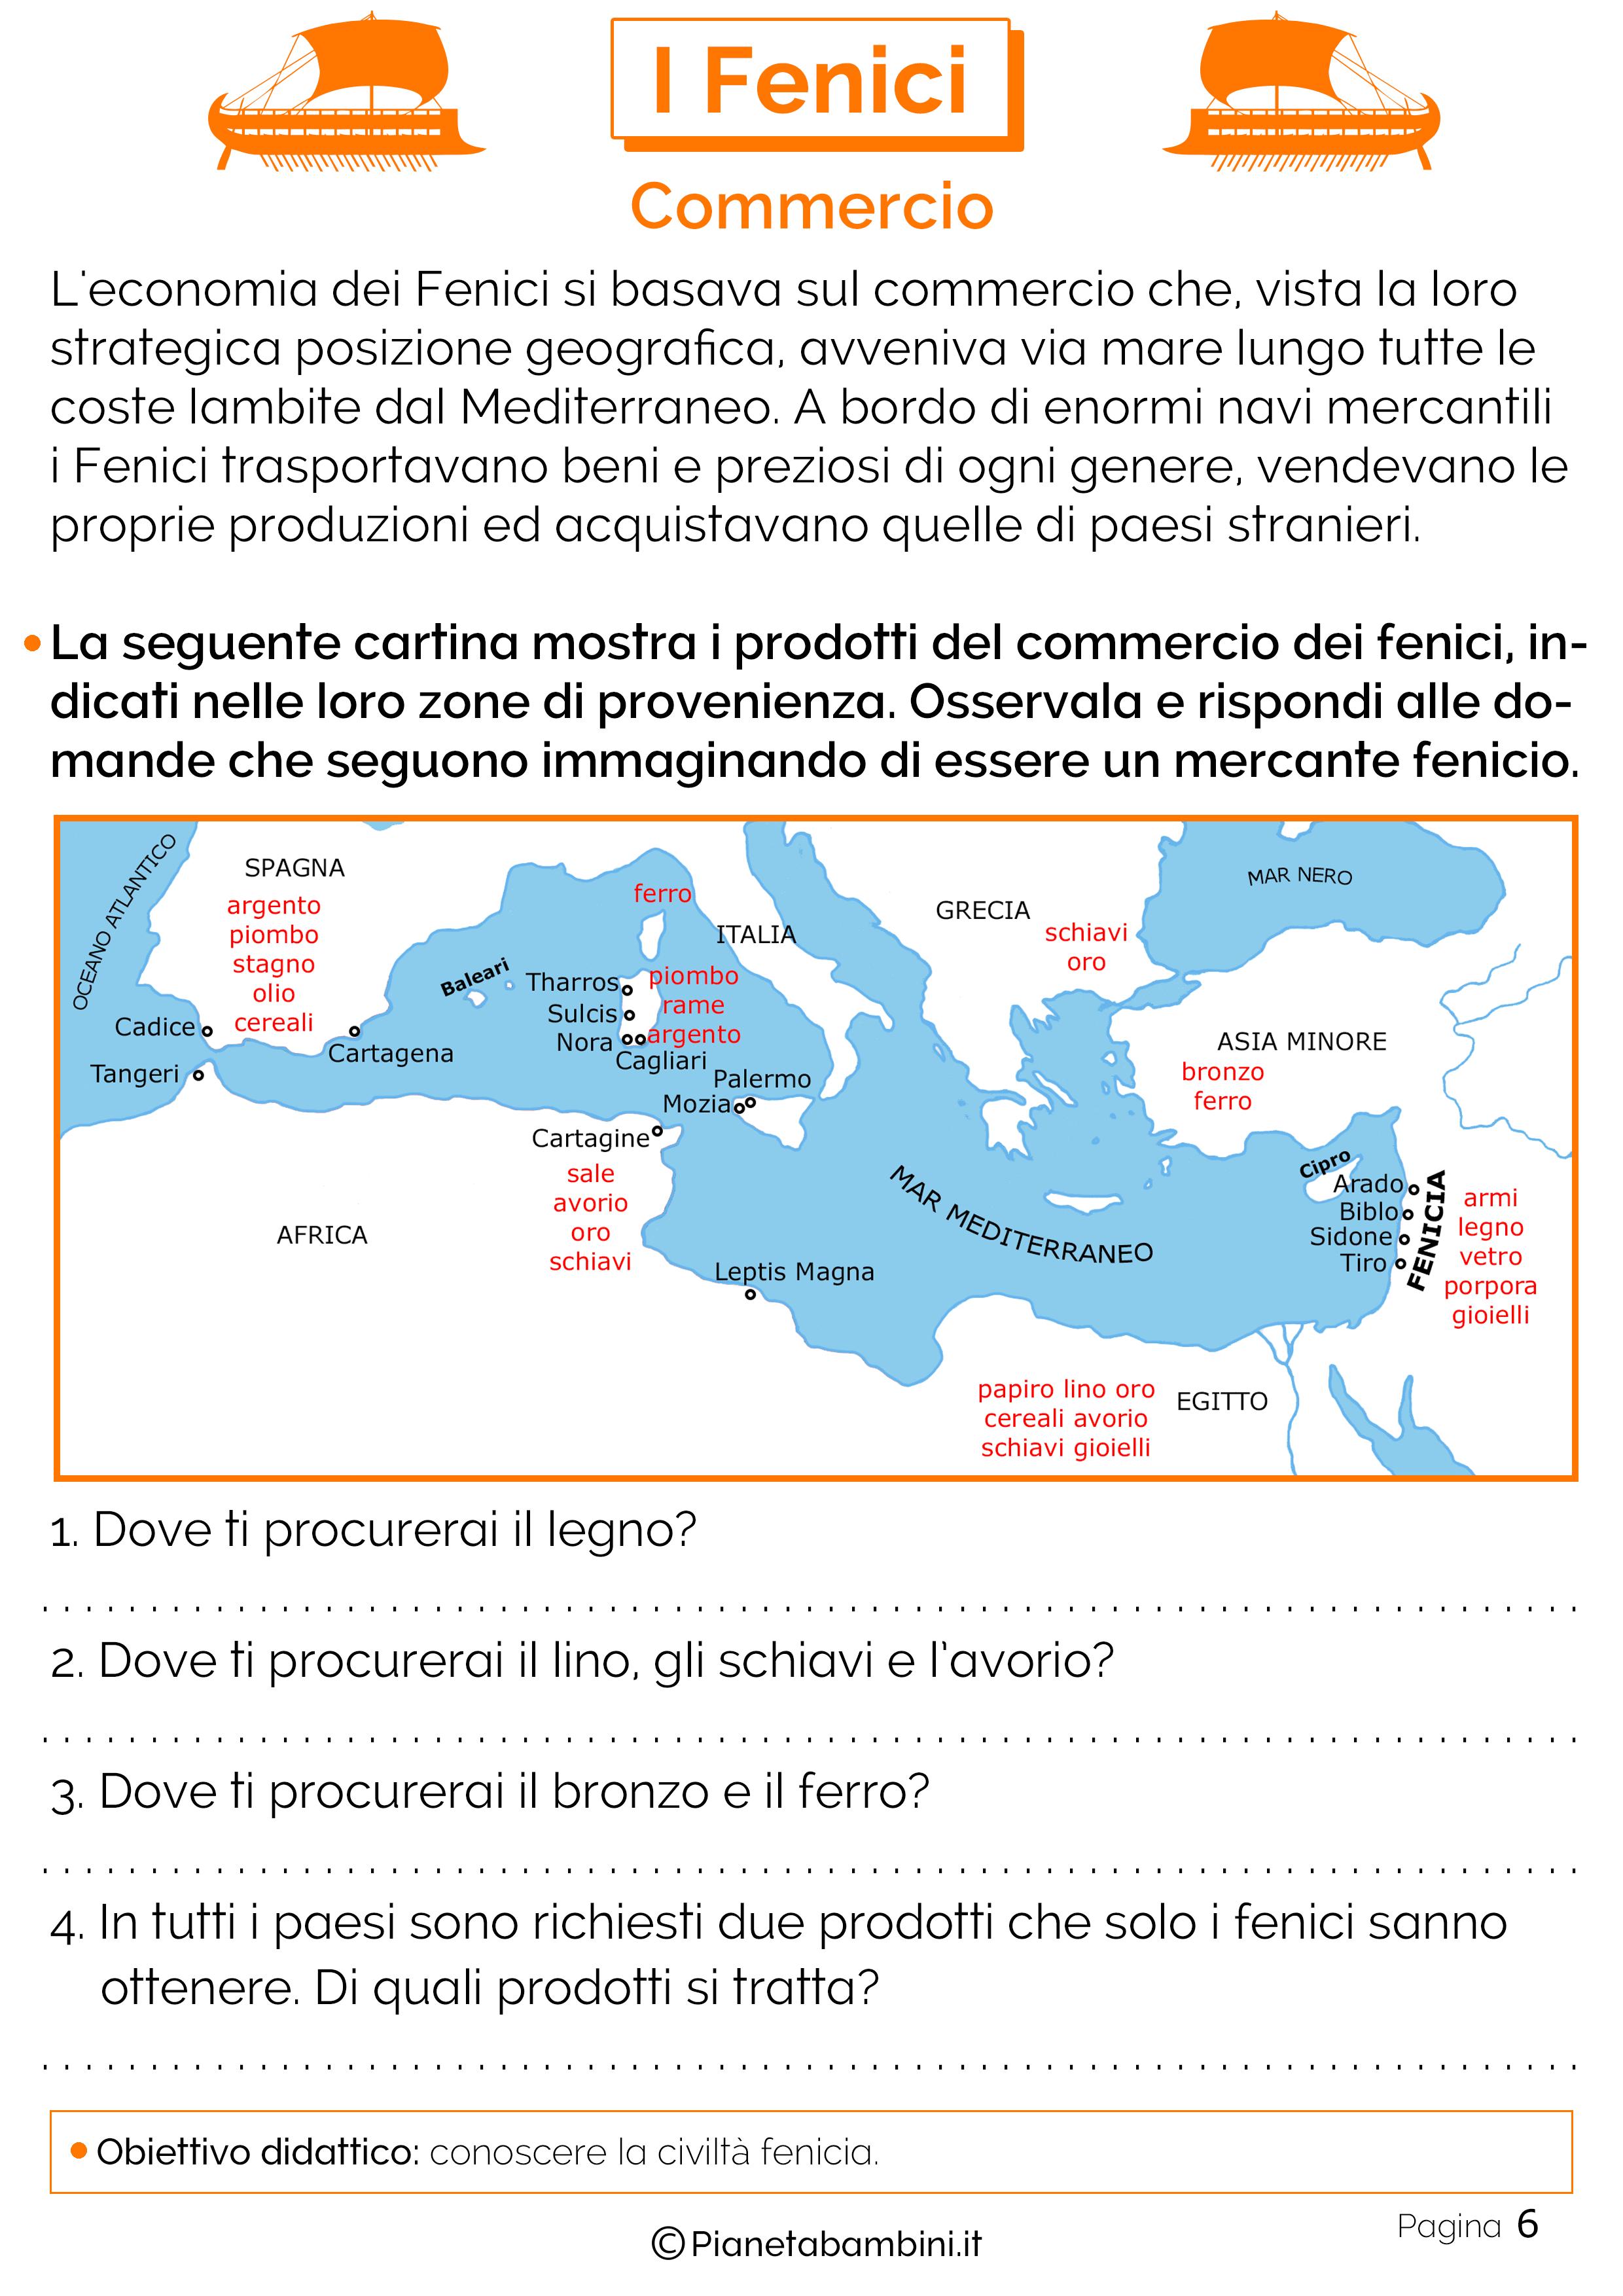 Il commercio dei Fenici